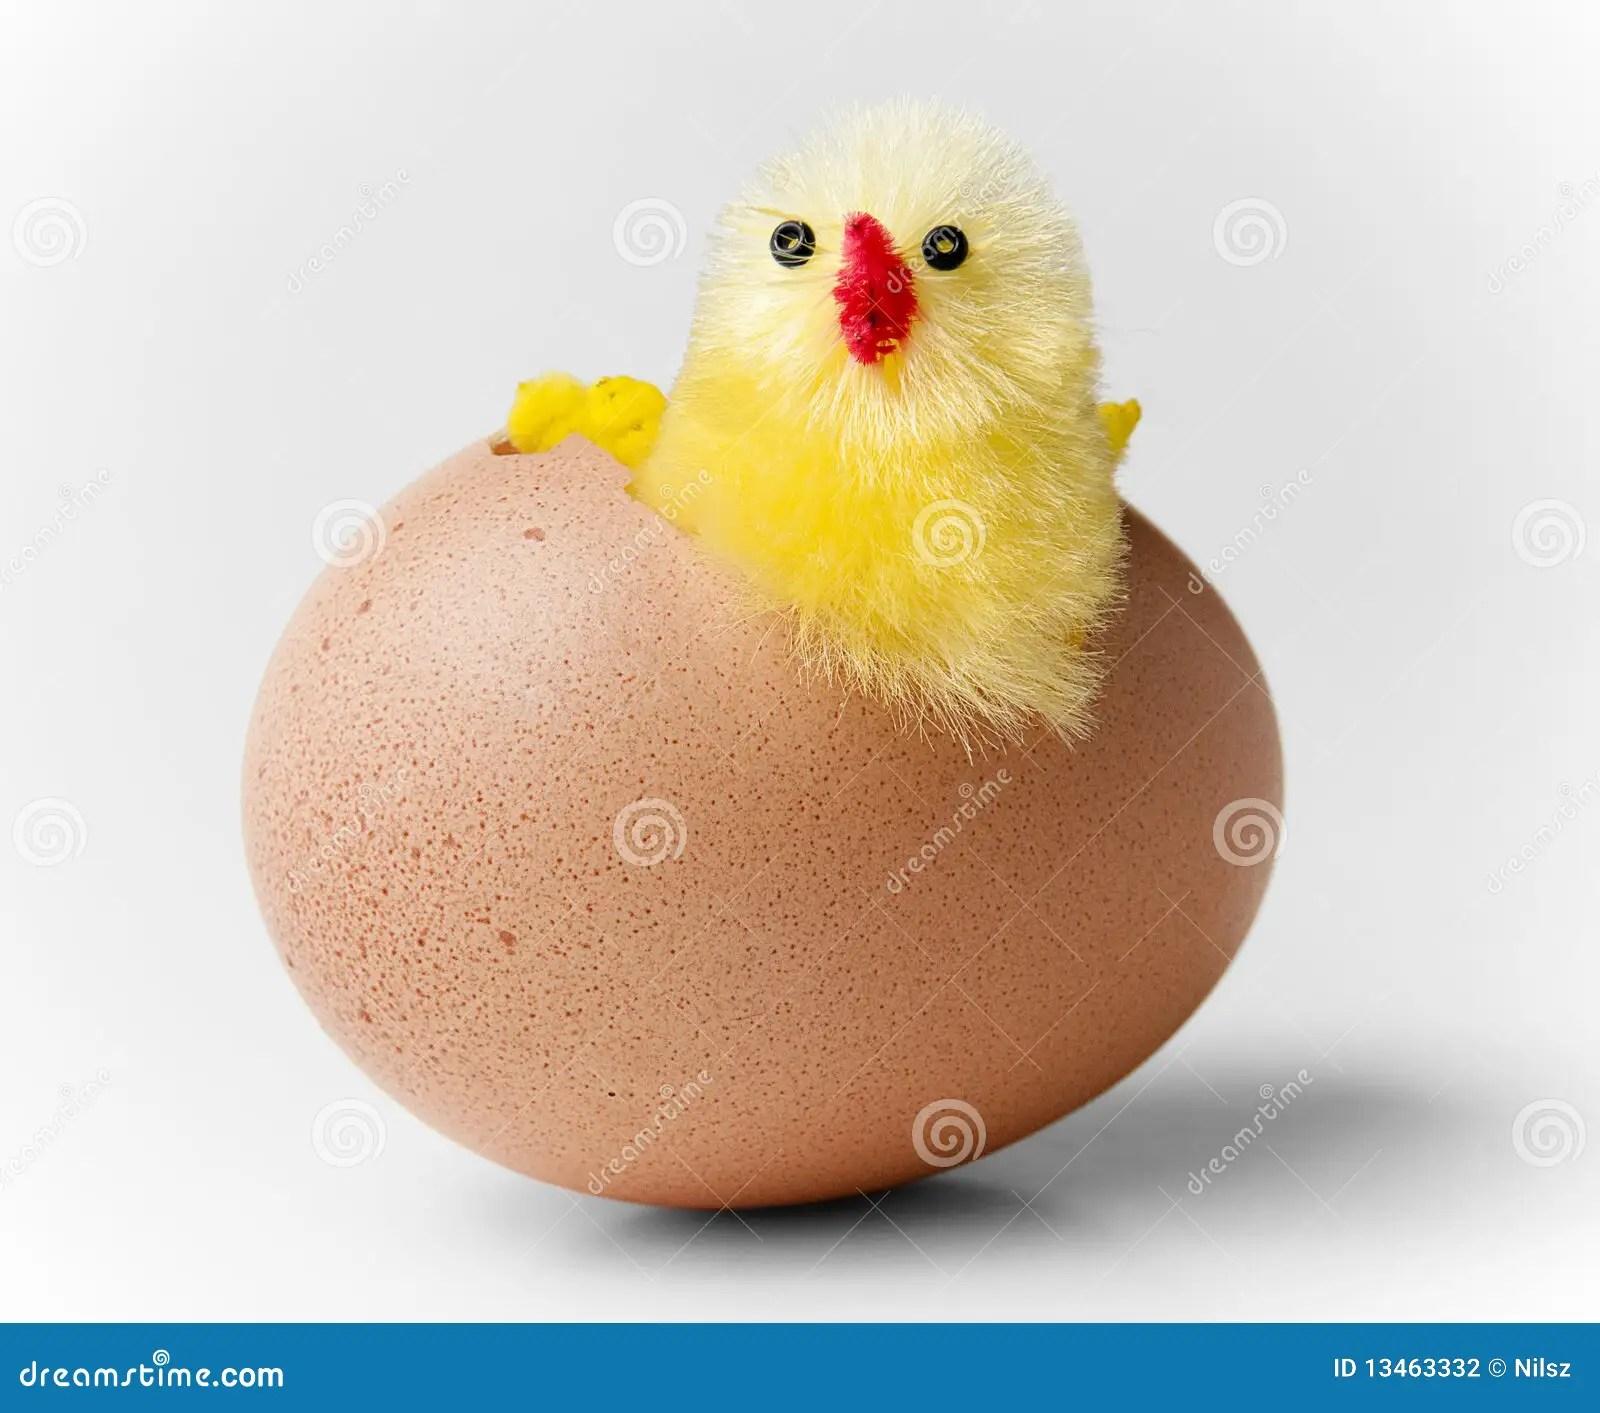 eye diagram of chicken siemens s120 wiring eggs hatching